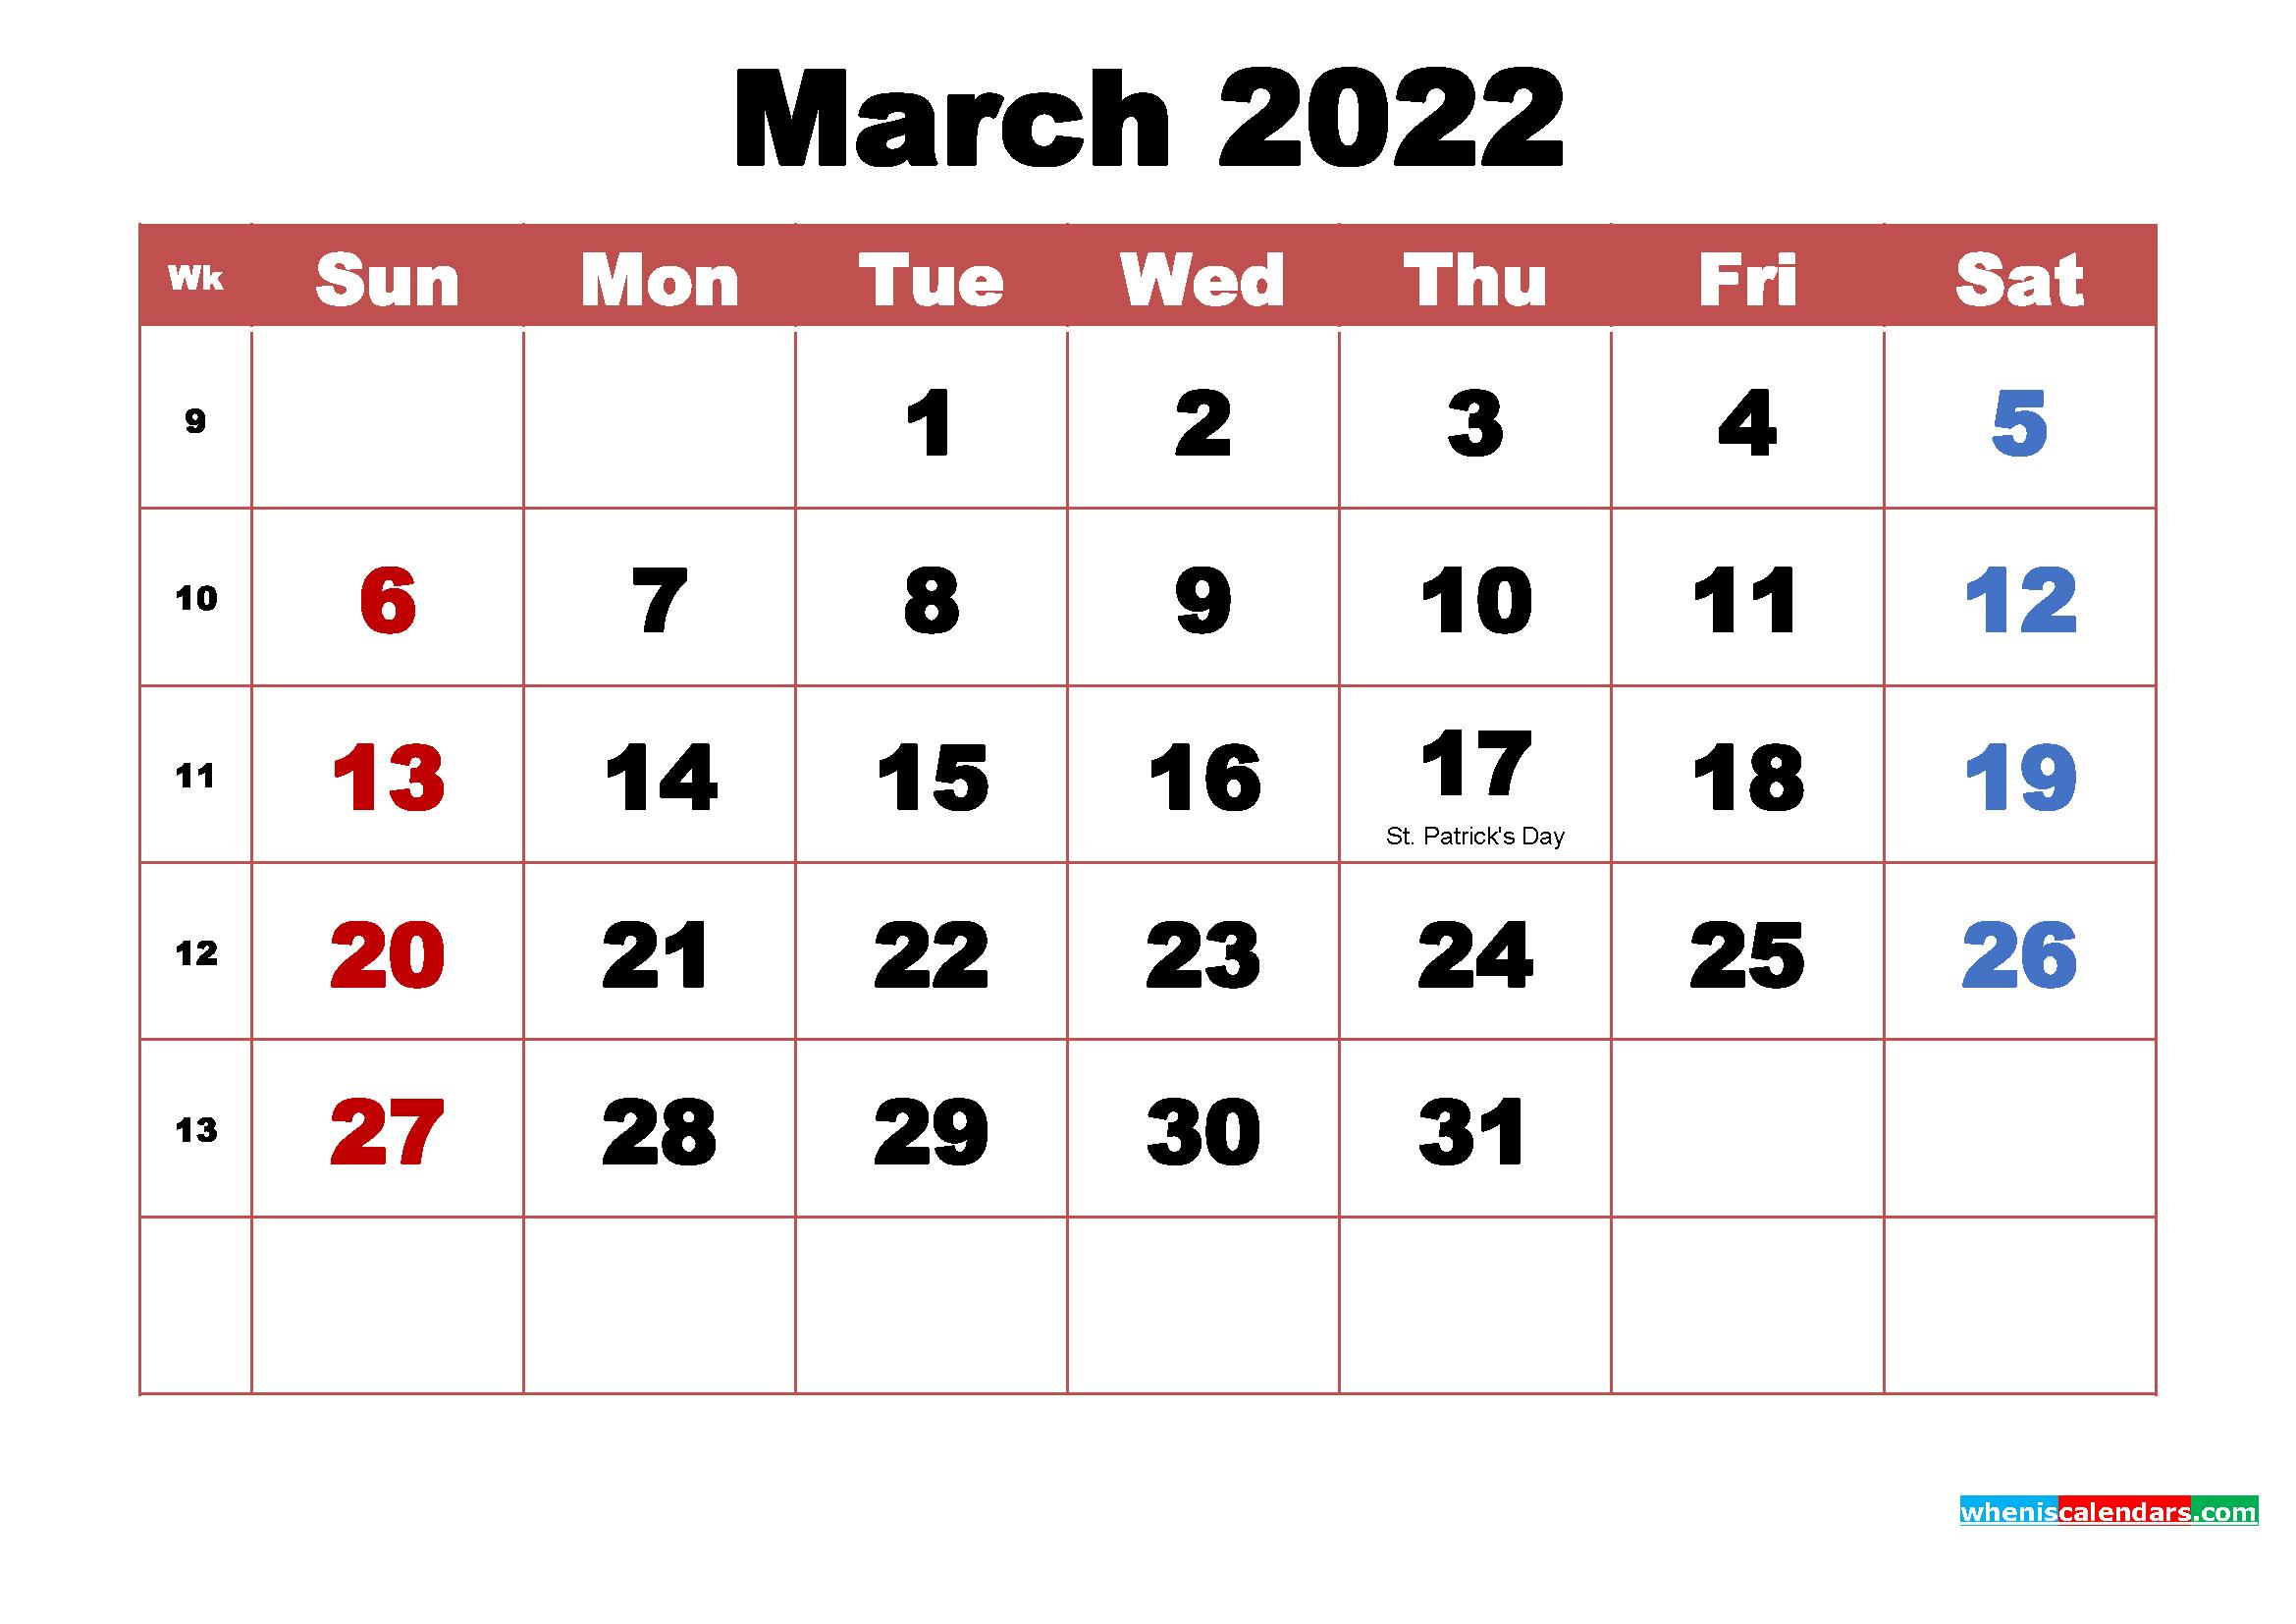 March 2022 Calendar Wallpaper High Resolution 2339x1654